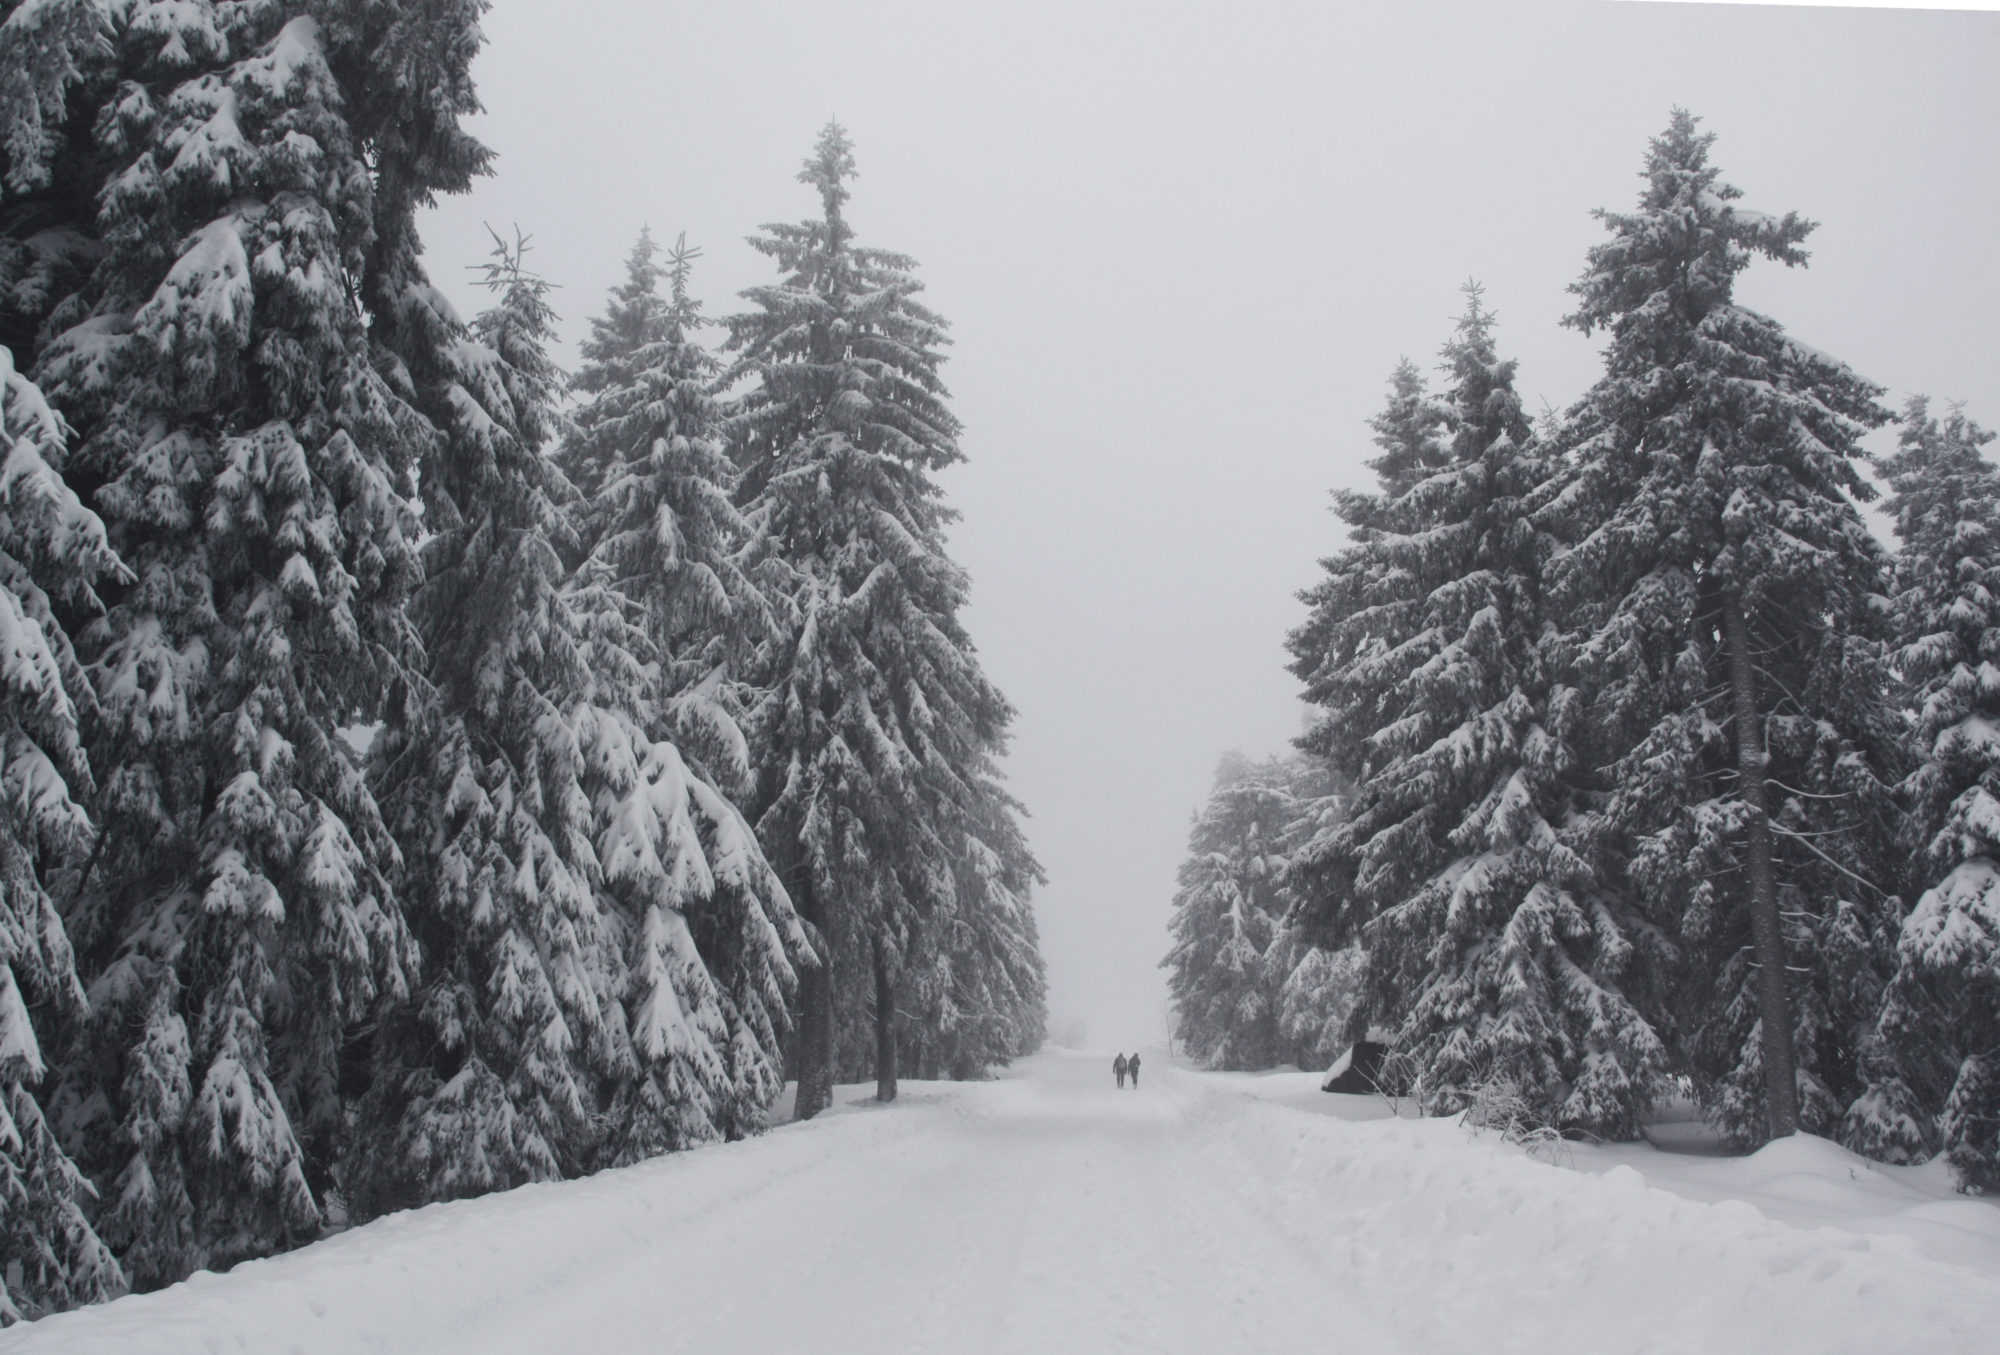 Aufstieg zum Schneeberg auf halbwegs gespurtem Weg